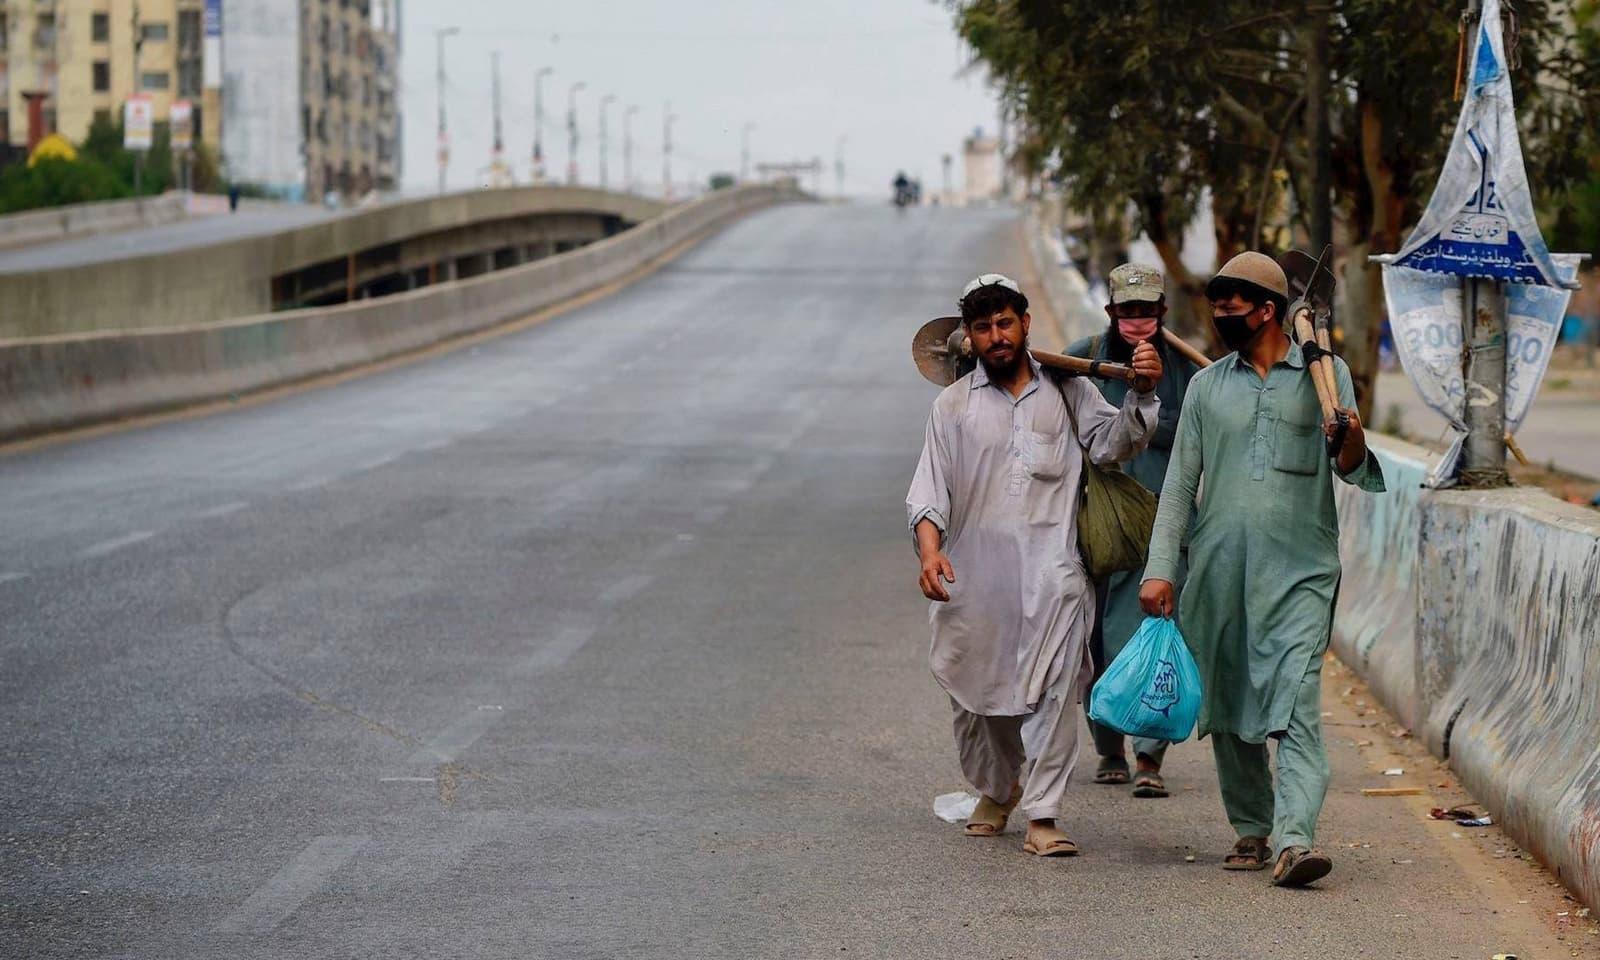 کراچی میں مزدور کام کی تلاش میں نکلے ہوئے ہیں — فوٹو: اے ایف پی